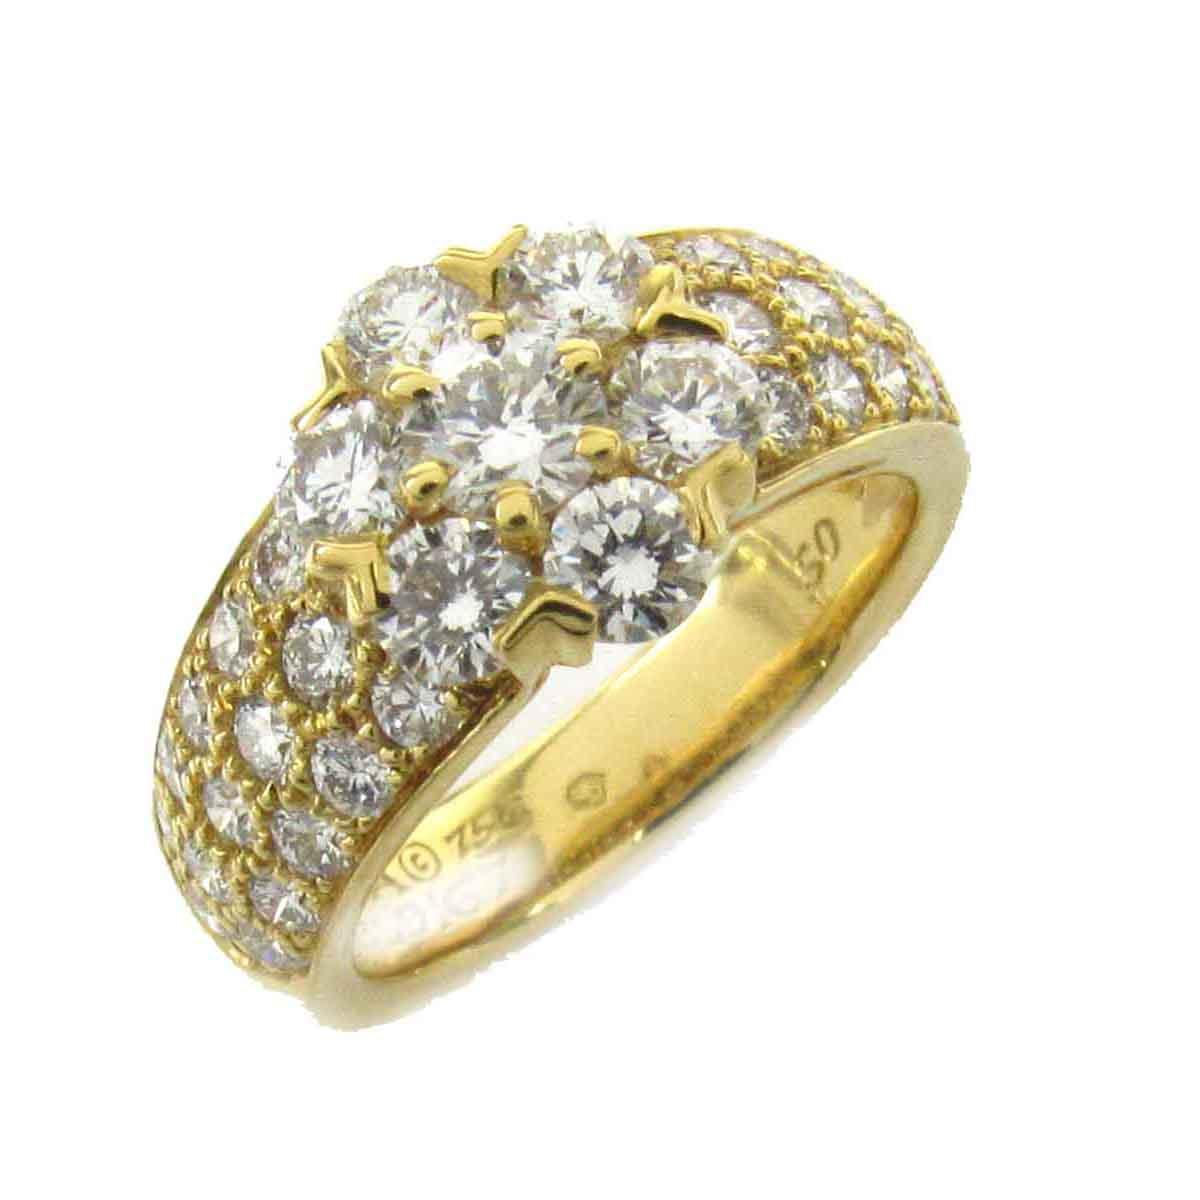 フルーレット ダイヤモンド リング 指輪/可愛い/お買得/特価/激安 #50/9.5号